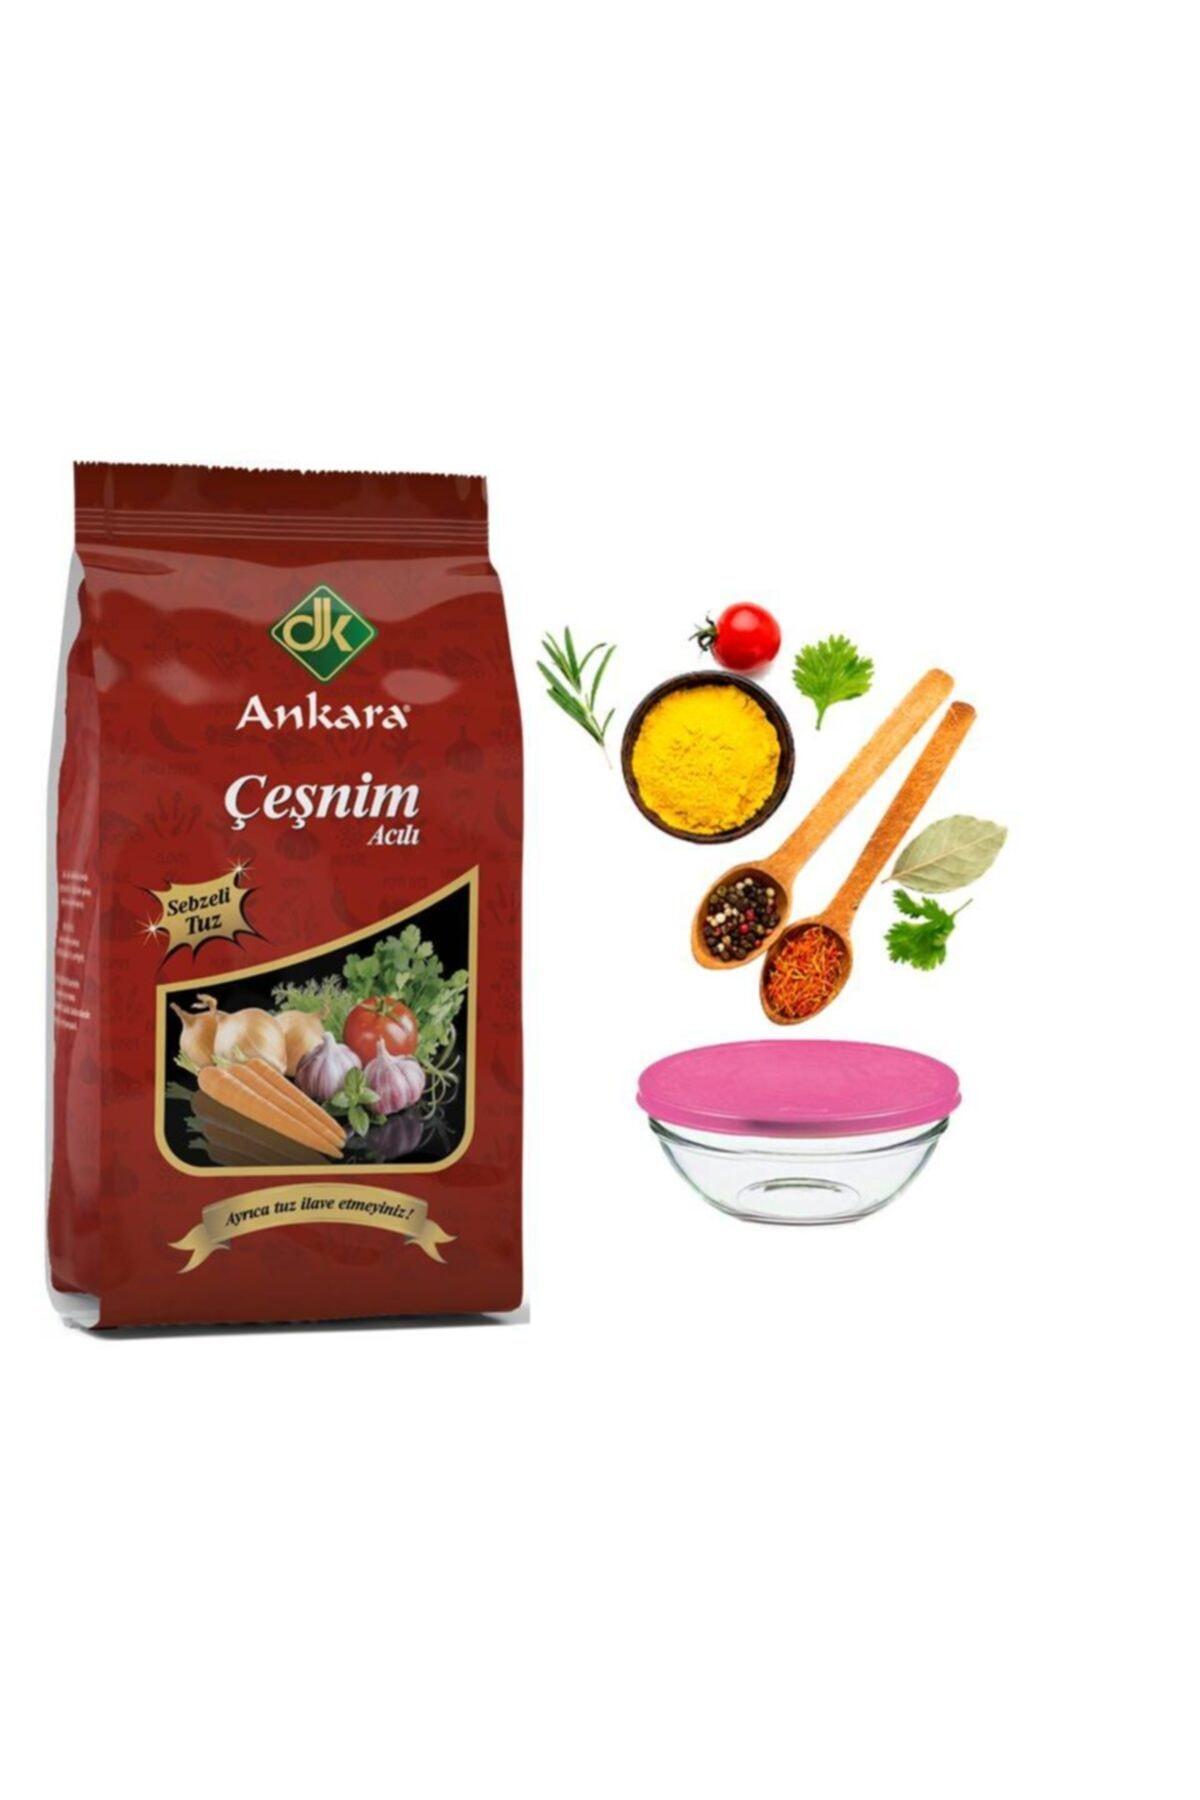 DK ANKARA Ankara Baharat Acılı Sebze Çeşnisi 200 Gr. ( Paşabahçe Saklama Kabı Hediyeli) 1